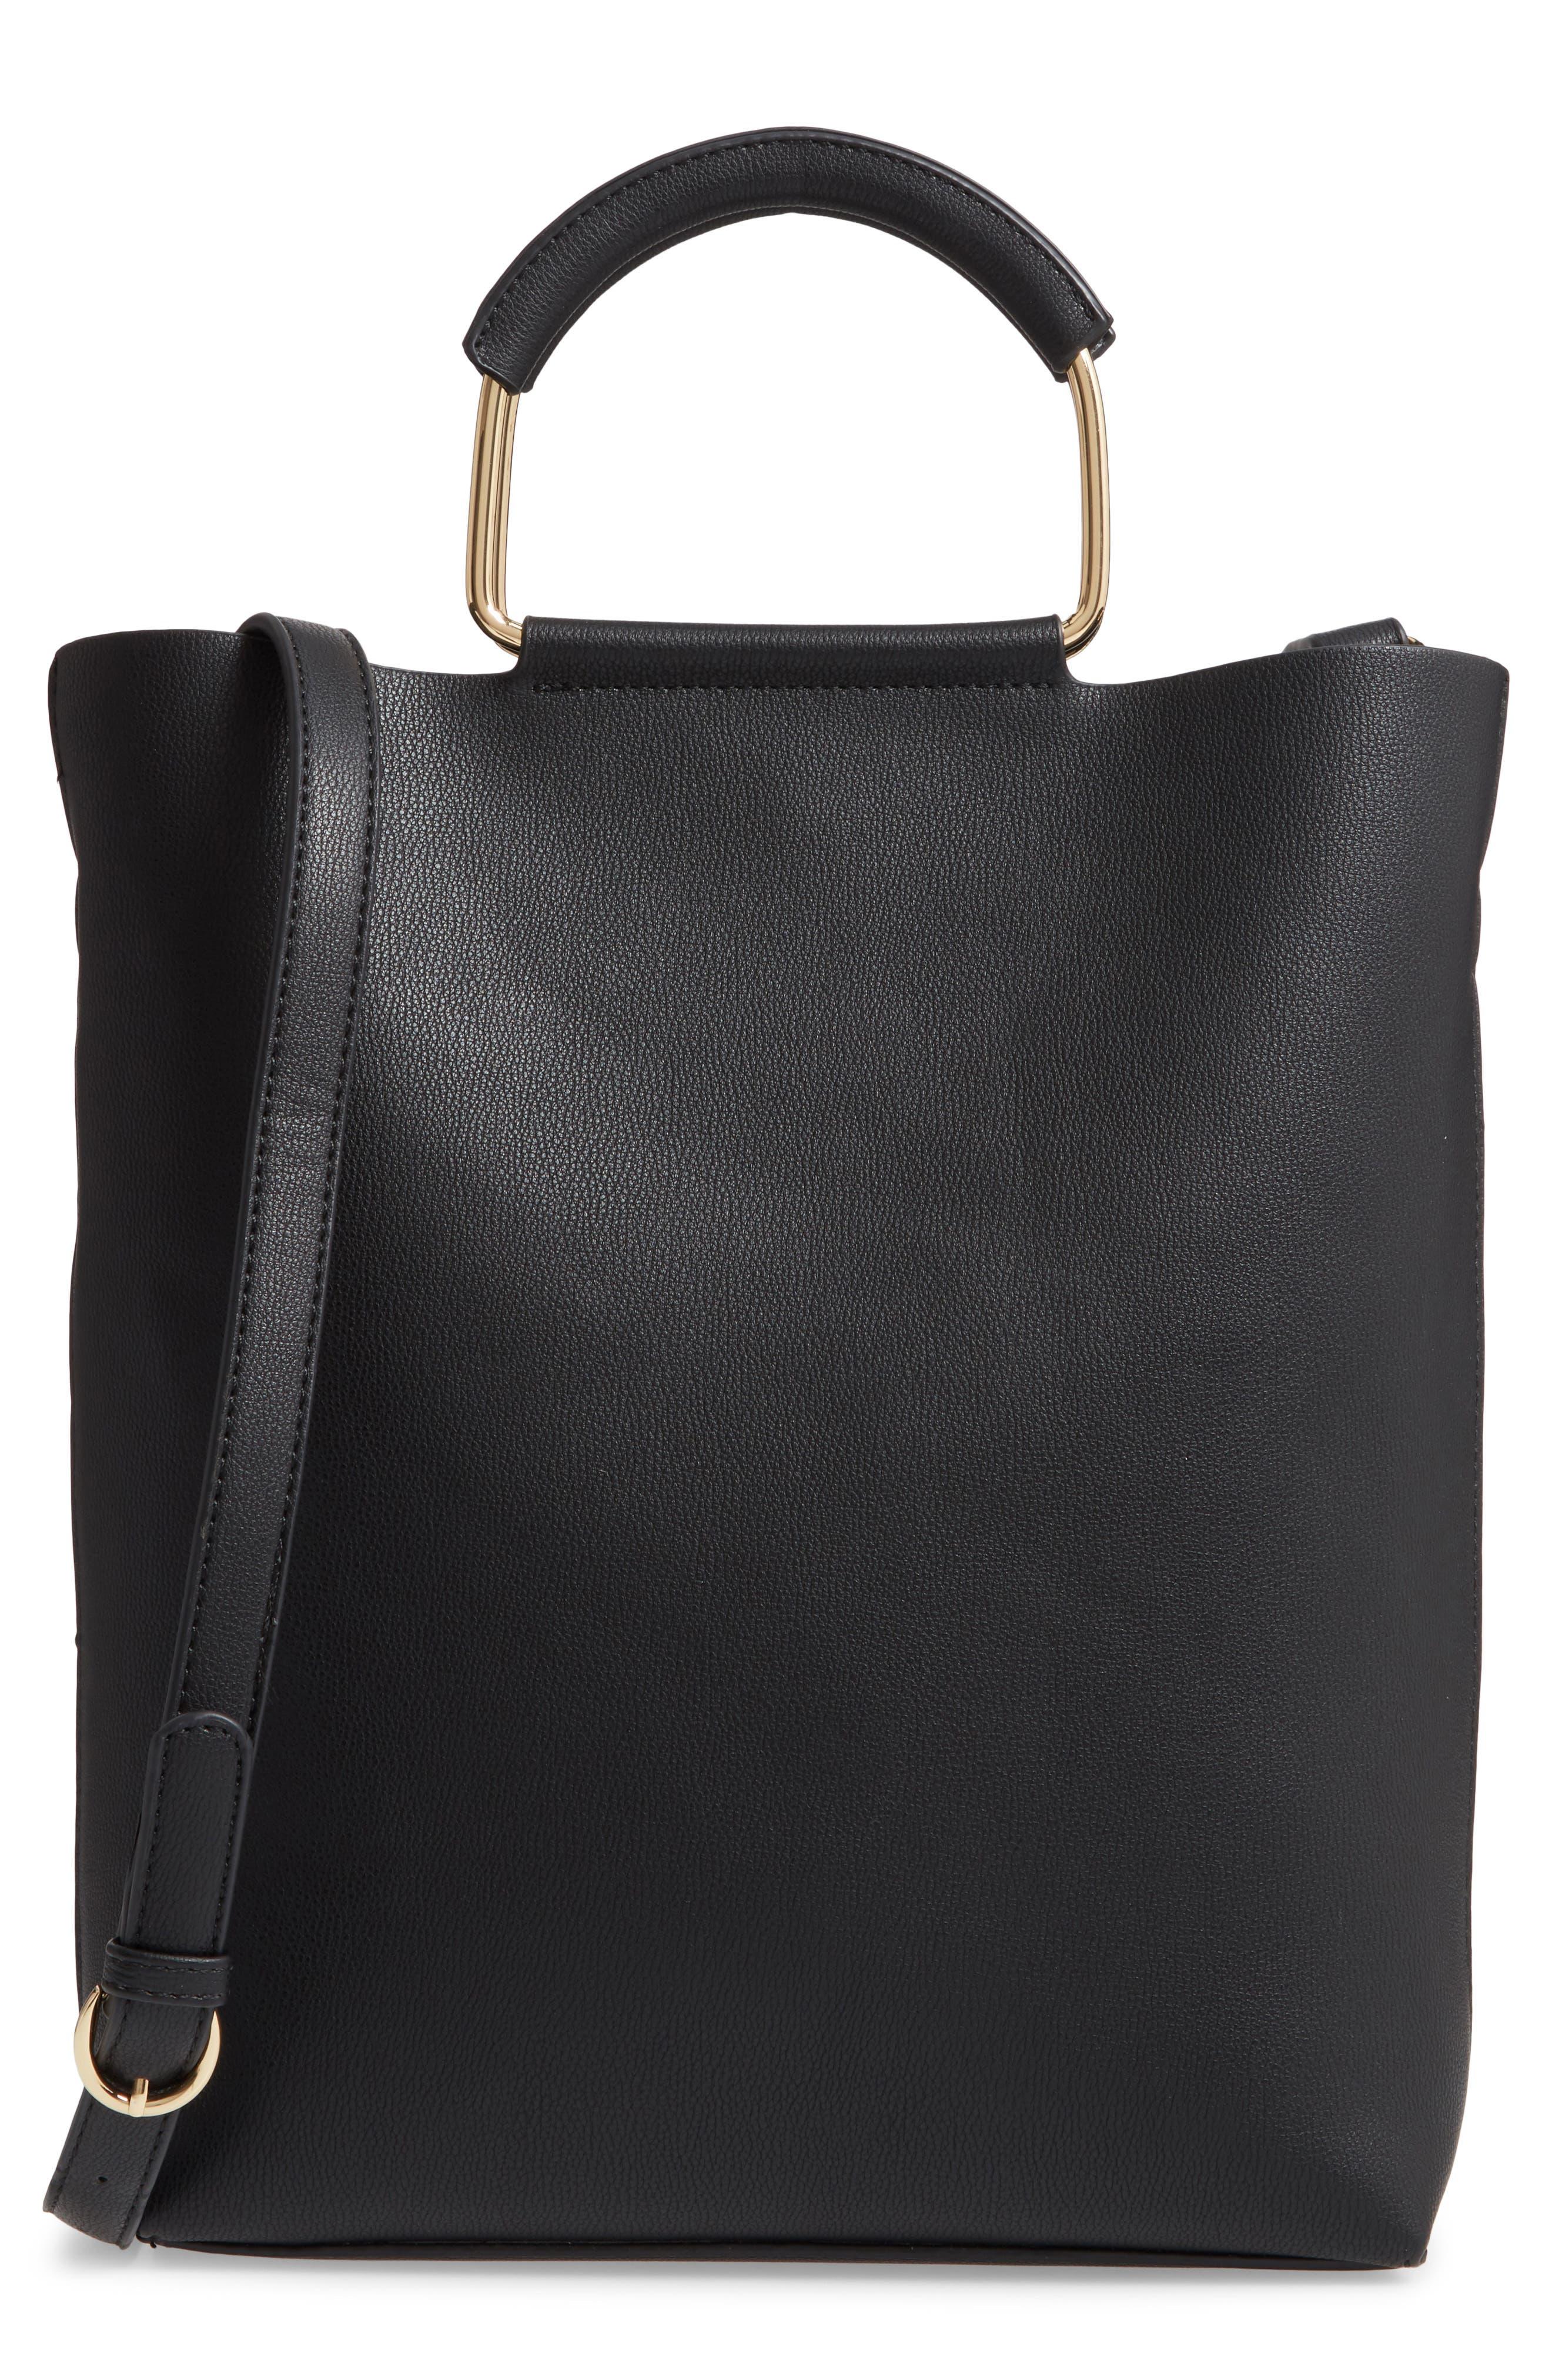 TROUVÉ, Payton Convertible Faux Leather Tote, Main thumbnail 1, color, BLACK